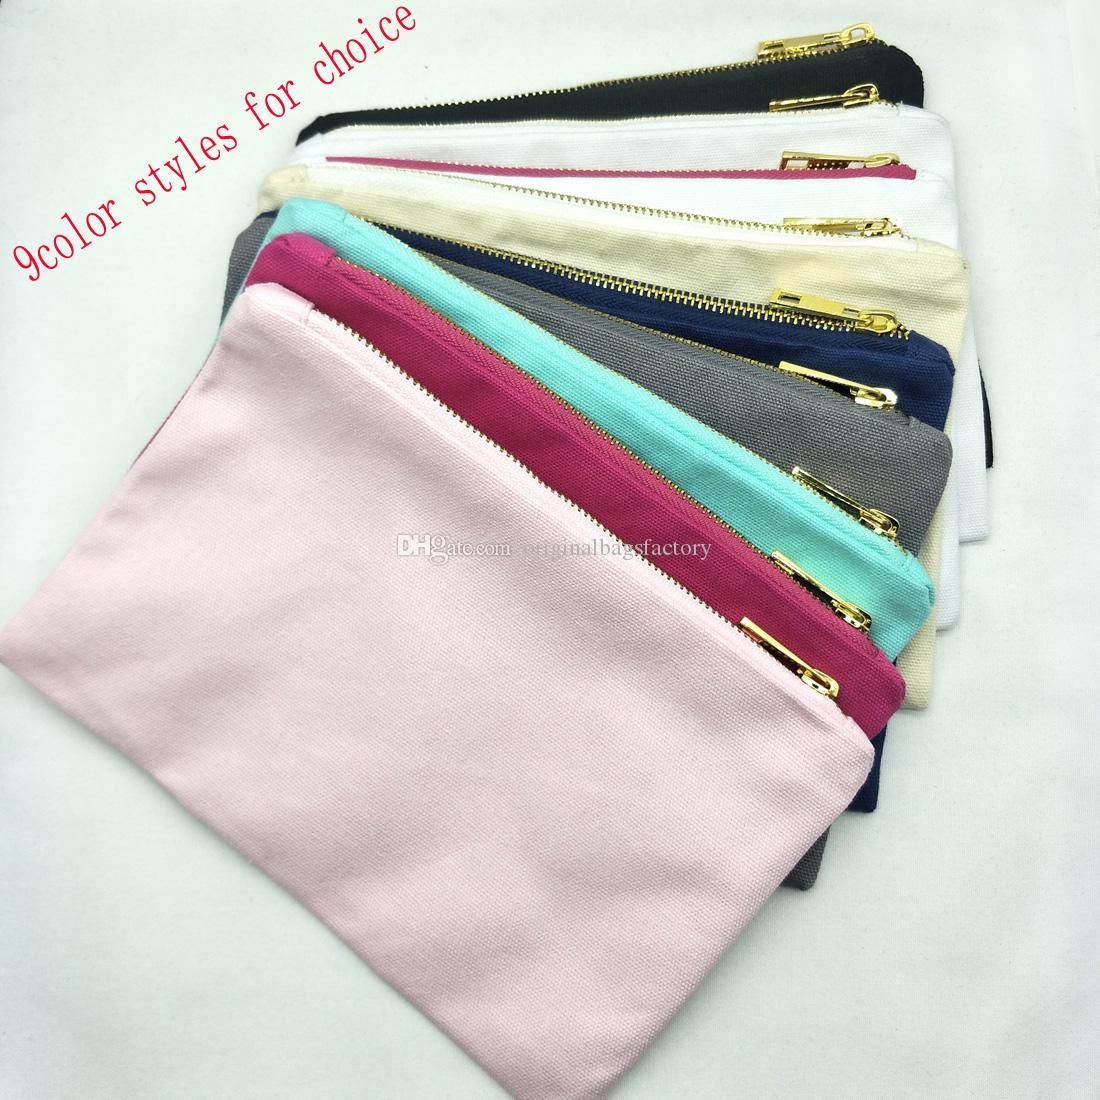 9 ألوان نمط حقيبة قماش سميك ماكياج مع الذهب الرمز البريدي بطانة أسود / أبيض / كريم / رمادي / البحرية / النعناع / الساخنة الوردي / حقيبة أدوات الزينة وردي فاتح في الأوراق المالية